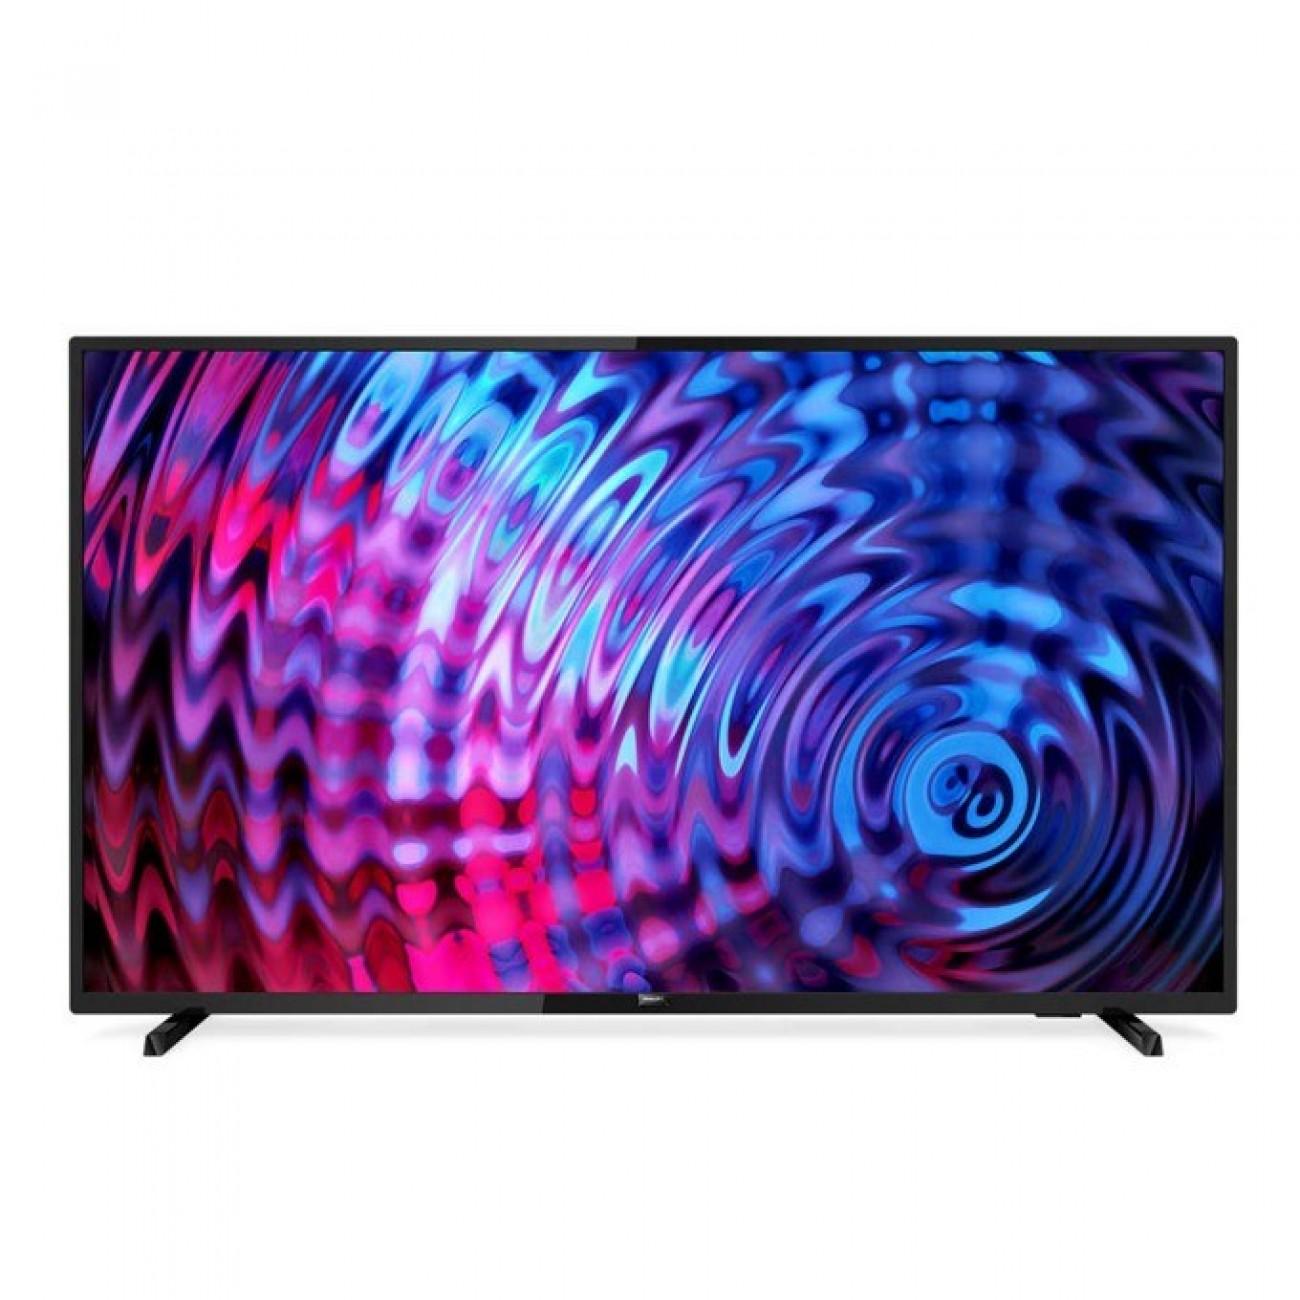 Телевизор Philips 50PFS5803/12, 50 (127 cm) Full HD LED SMART TV, DVB-T/T2/T2-HD/C/S/S2, 2x HDMI, 2x USB в Телевизори -  | Alleop